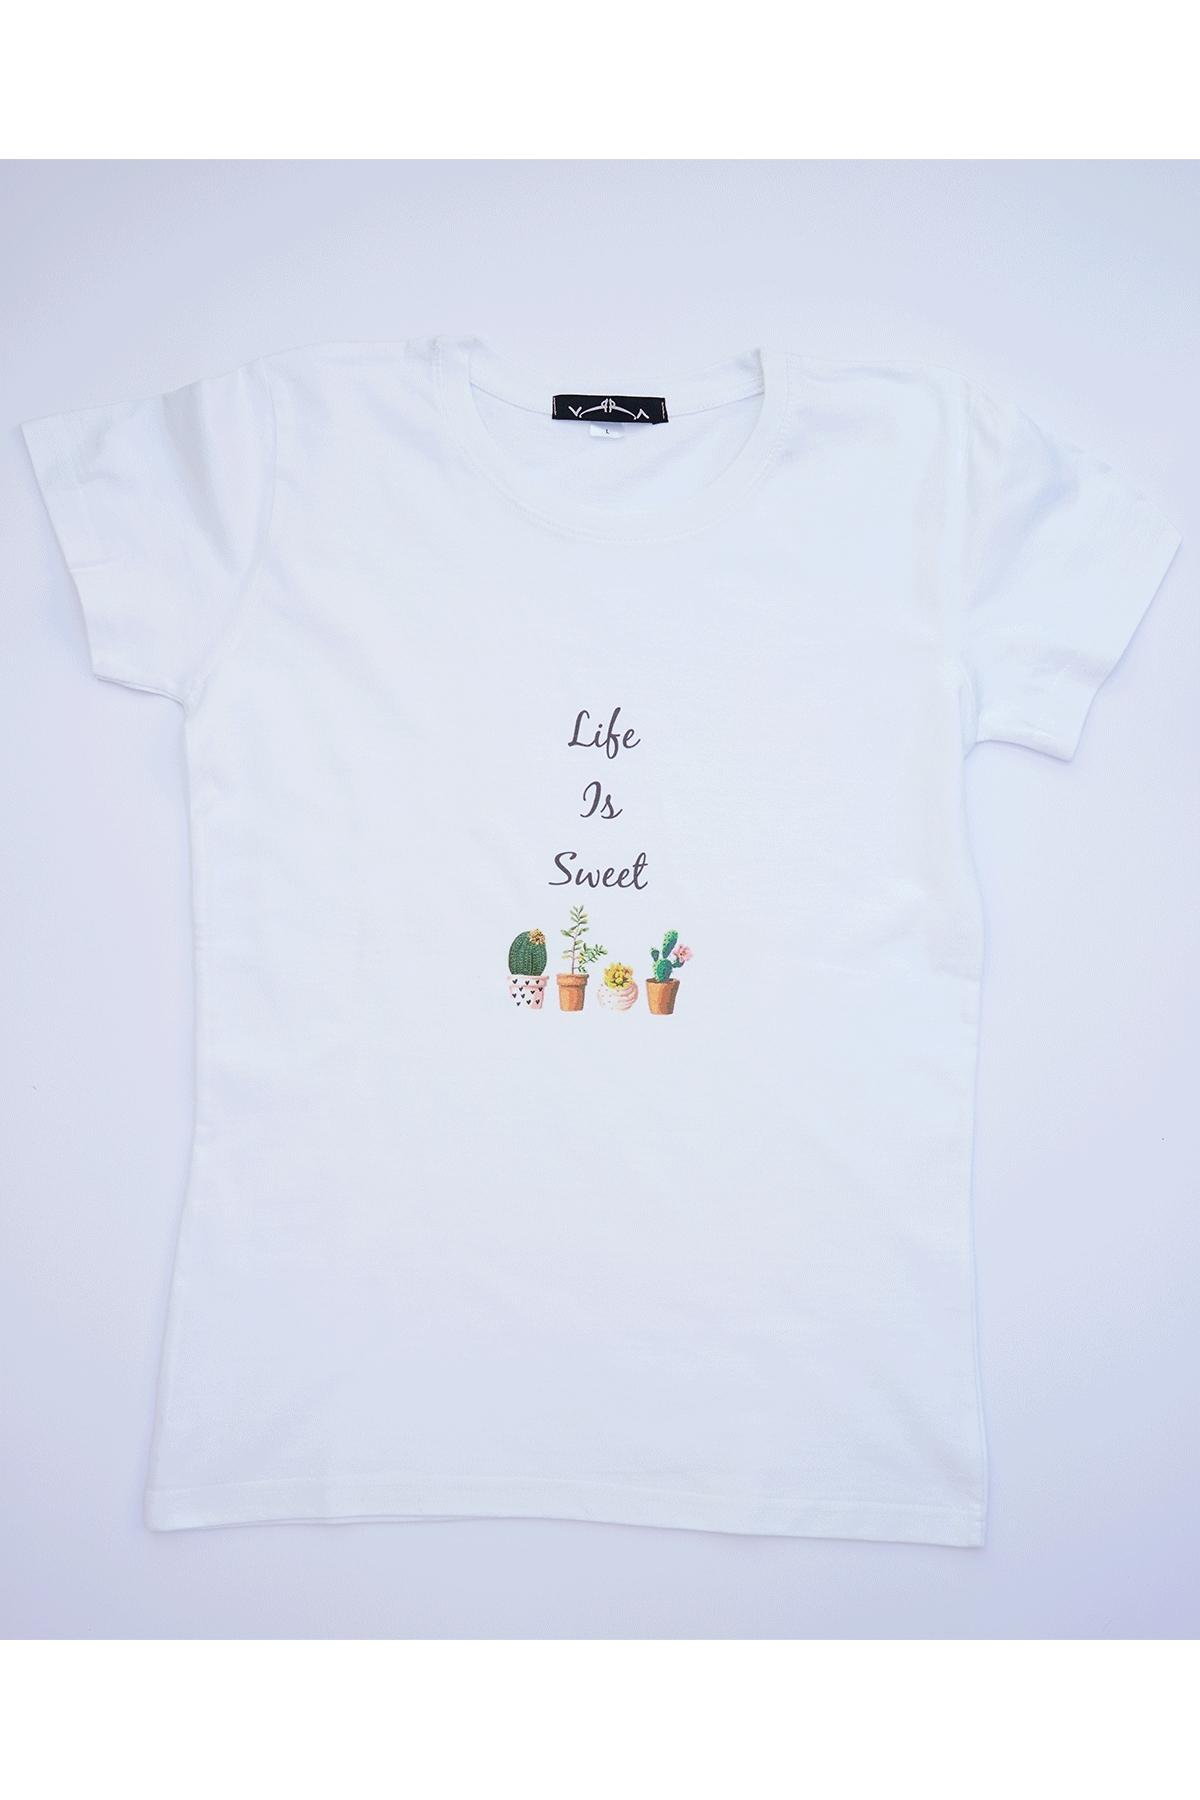 Бяла тениска Life is Sweet / VЯRA за MUSE SHOP